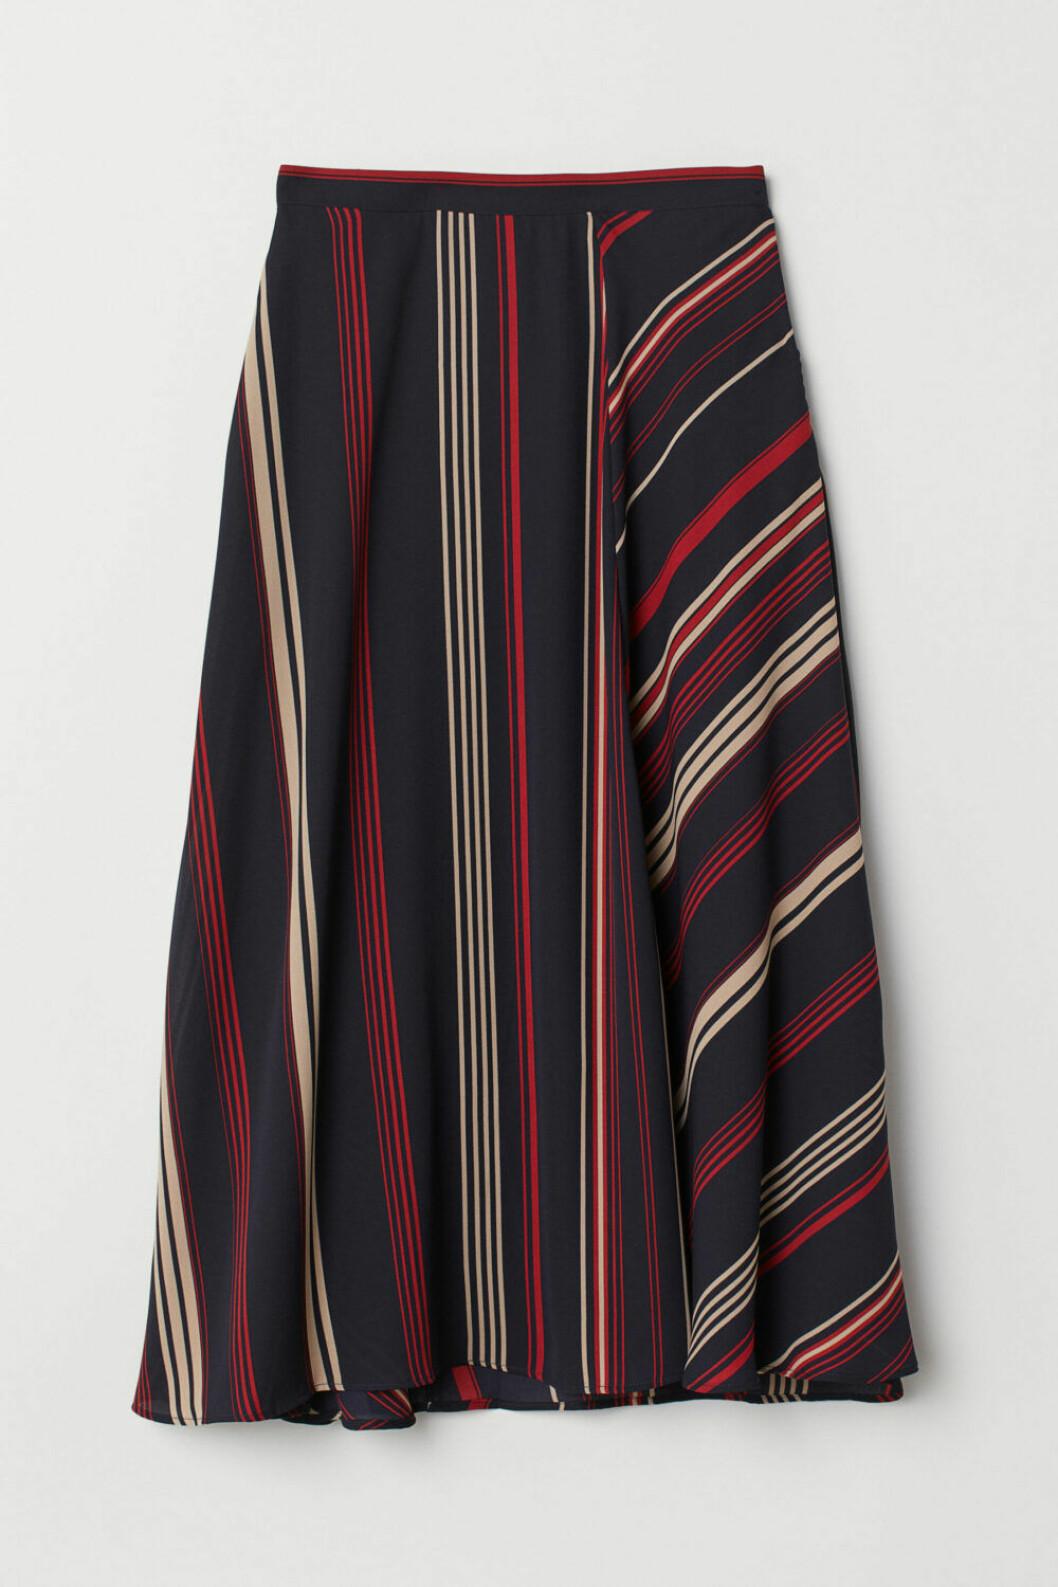 Klockad kjol från H&M